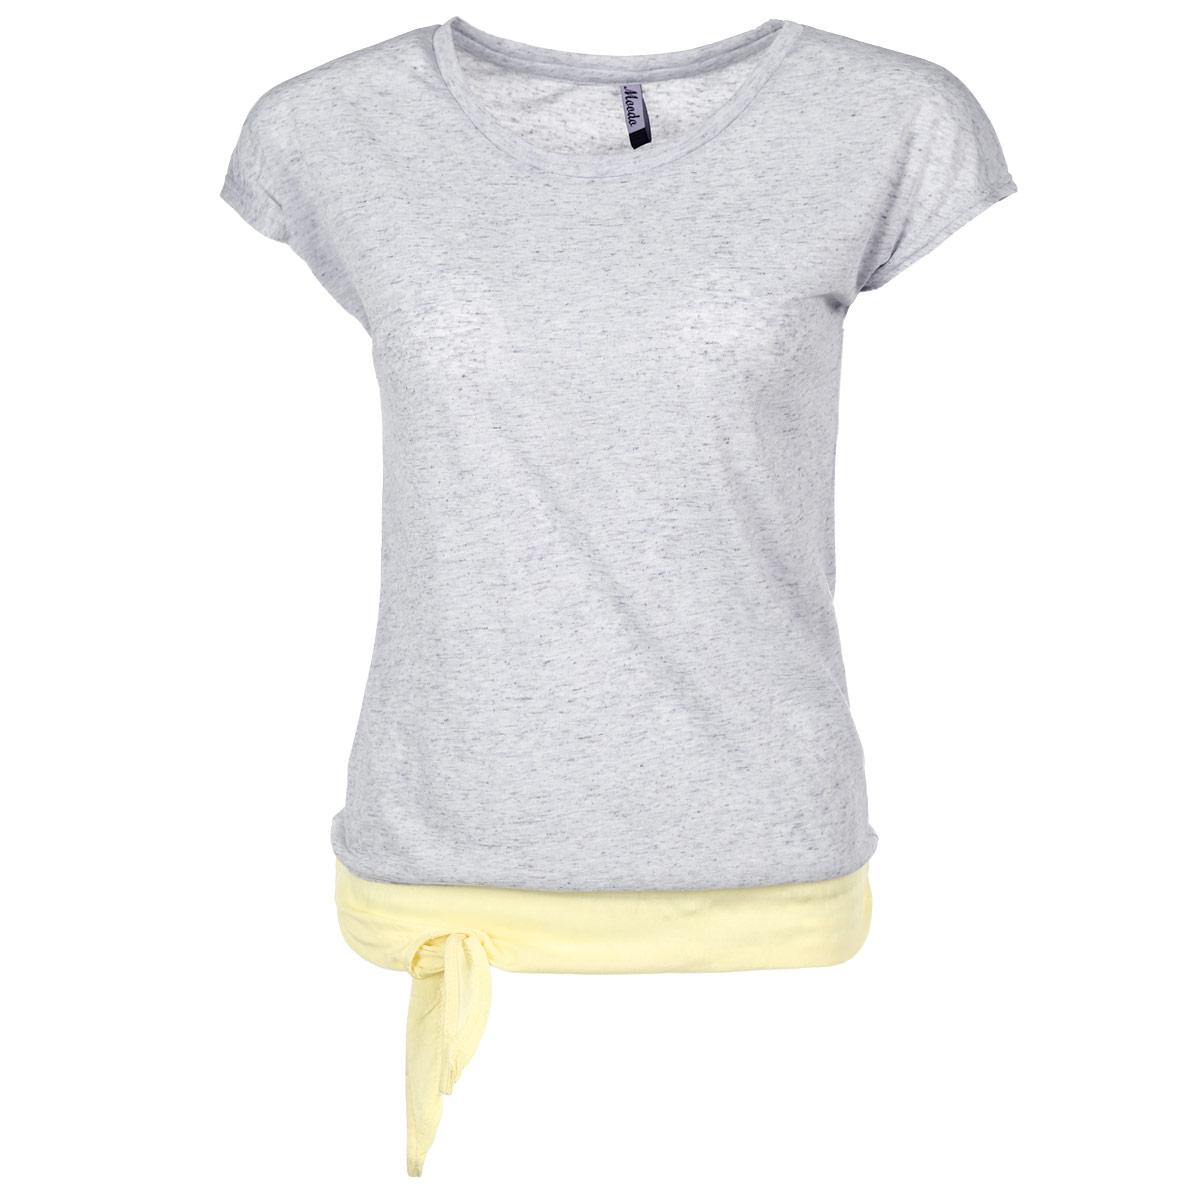 Футболка женская. L-TS-1743L-TS-1743 BLUE MELANGEСтильная женская футболка Moodo, выполненная из высококачественного материала, обладает высокой теплопроводностью, воздухопроницаемостью и гигроскопичностью, позволяет коже дышать. Модель с короткими рукавами и круглым вырезом горловины - идеальный вариант для создания образа в стиле Casual. Футболка по нижнему краю дополнена льняной вставкой контрастного цвета с декоративными завязками на узелок. Такая модель подарит вам комфорт в течение всего дня и послужит замечательным дополнением к вашему гардеробу.